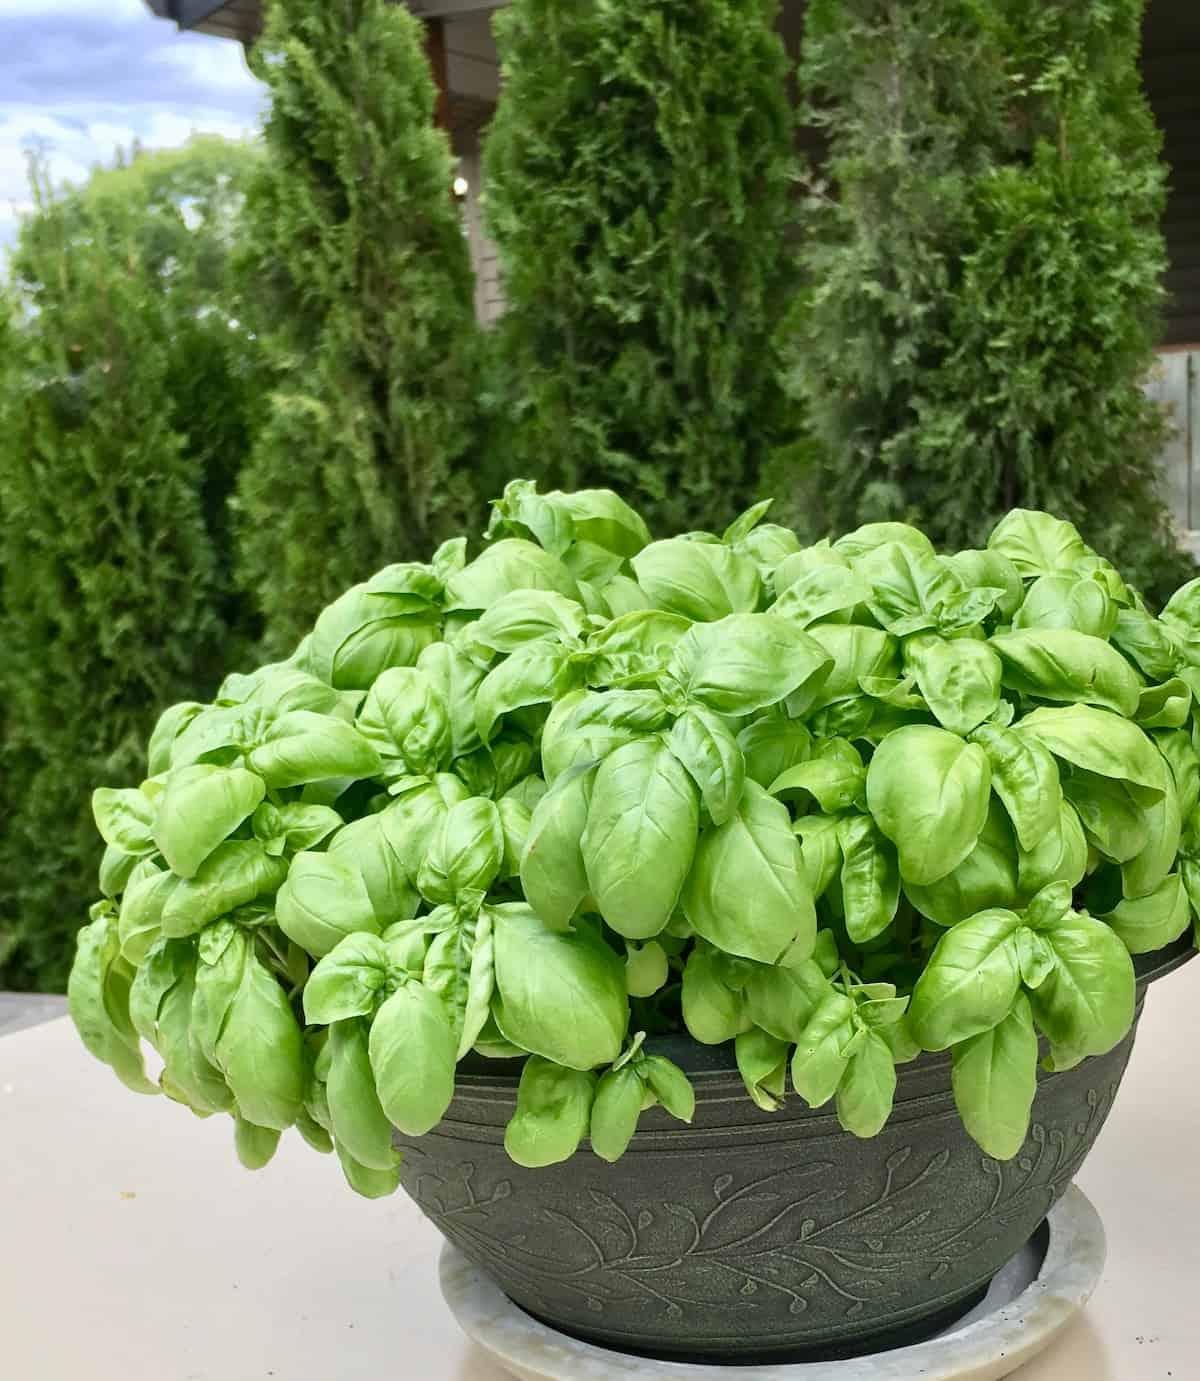 Basil is an Annual Plant (Not a Perennial)